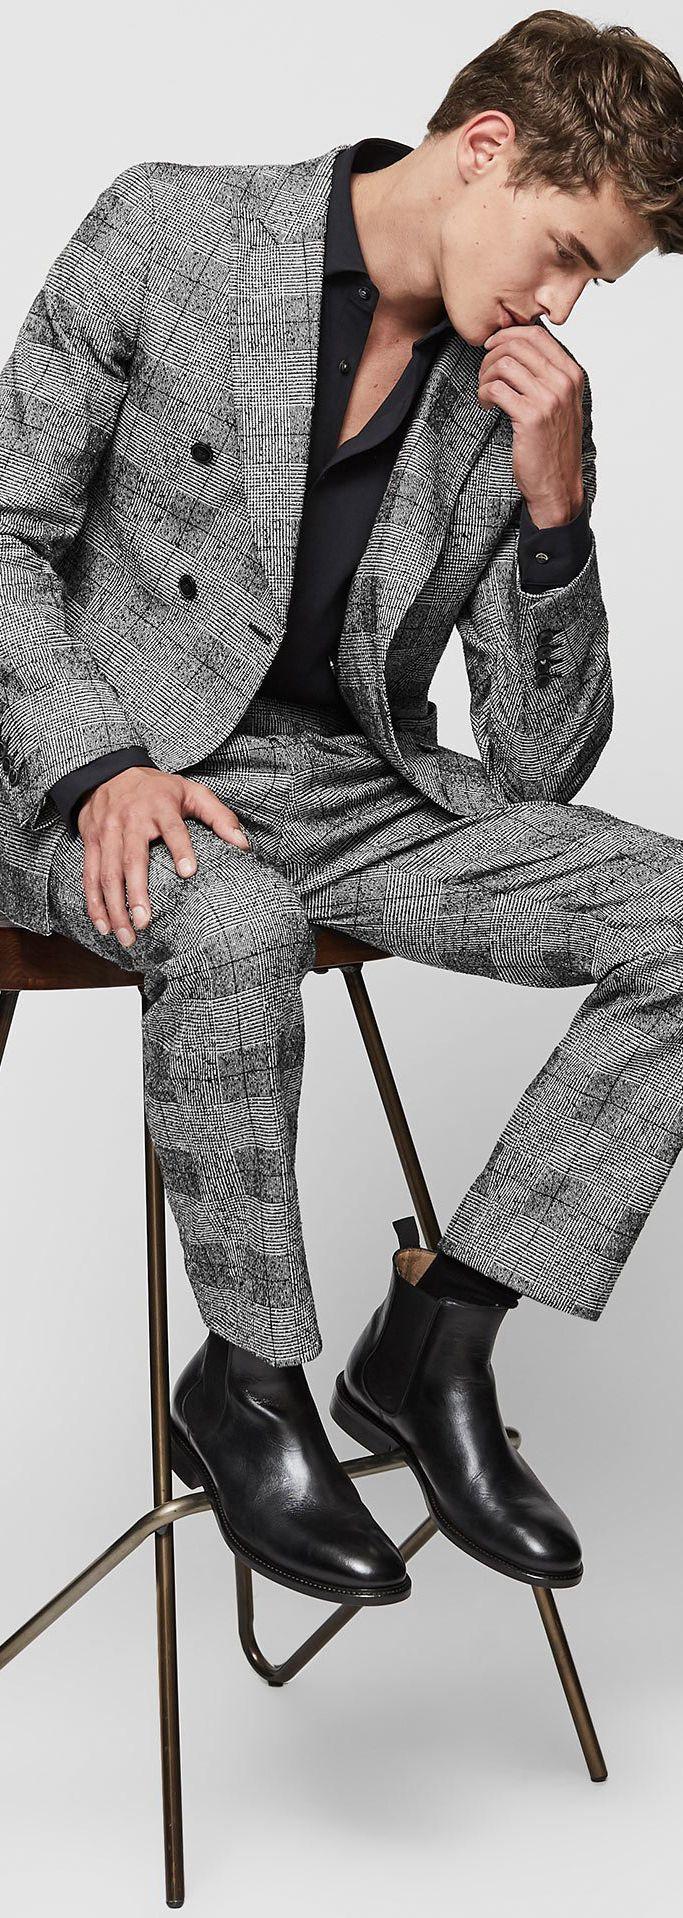 Men's Check Pattern Pants & Jacket